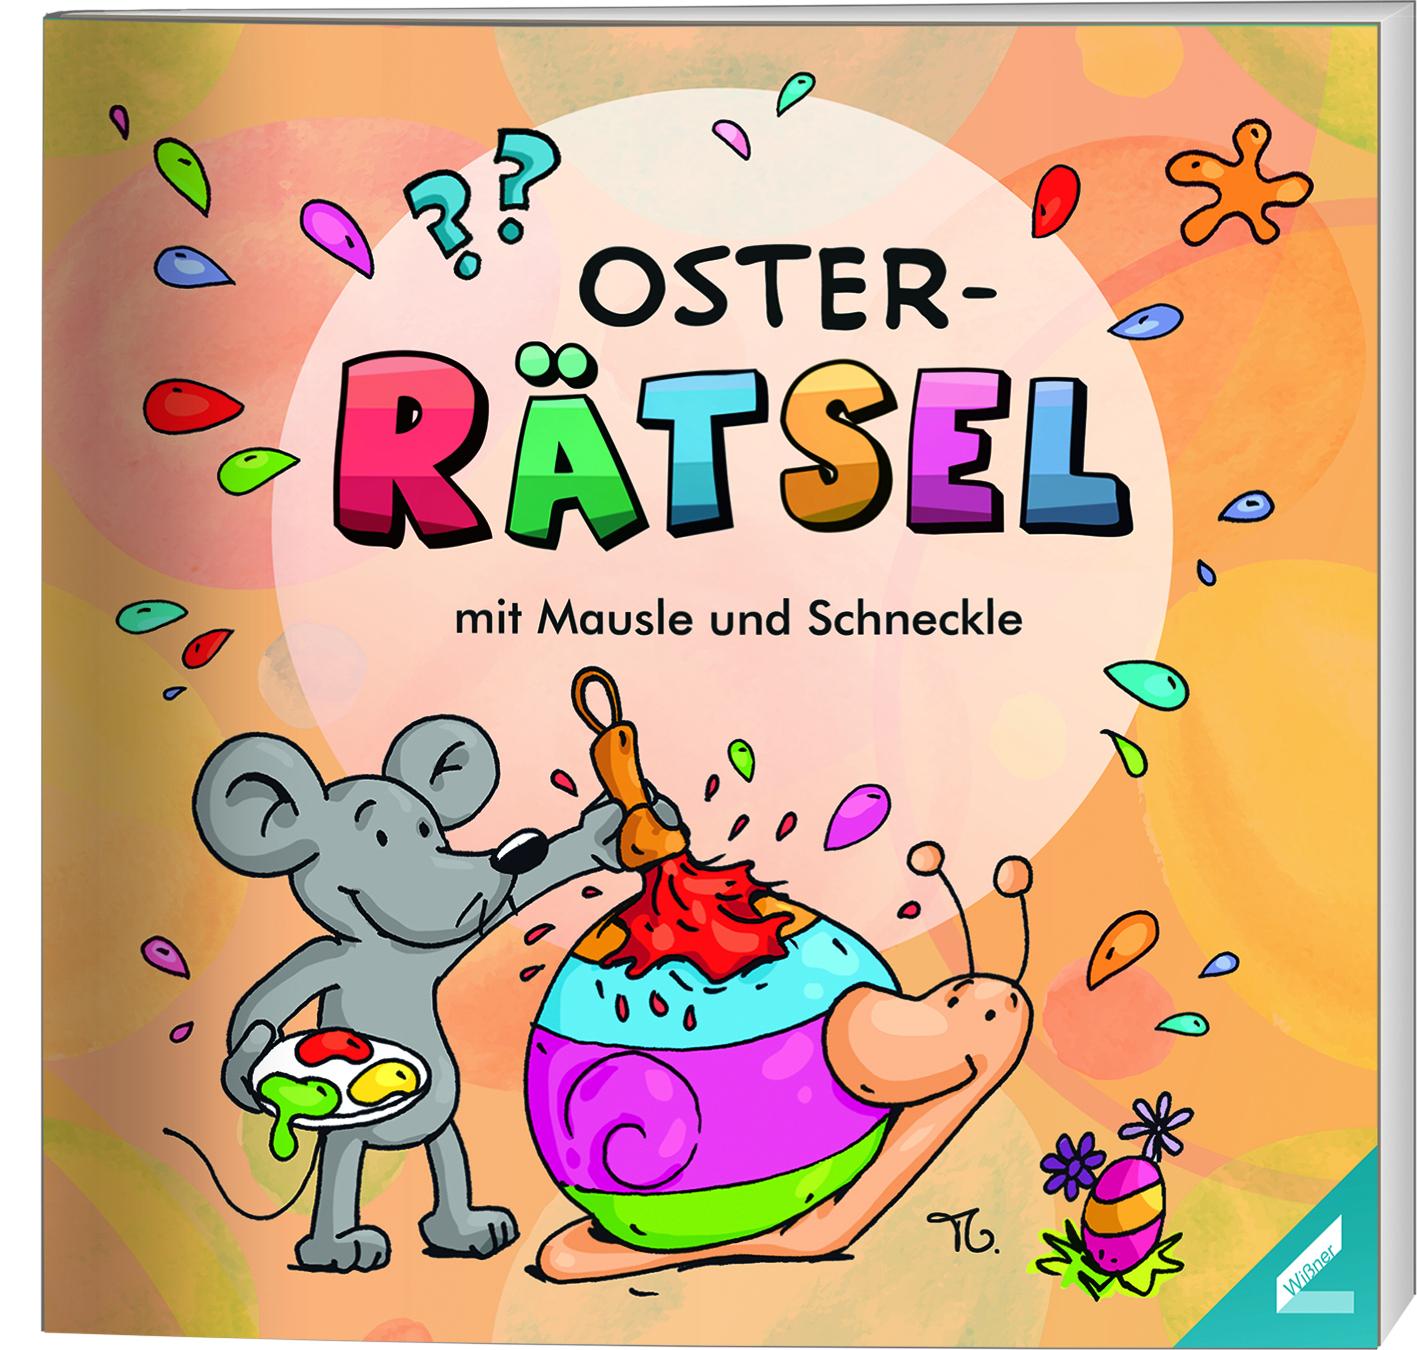 Oster-Rätsel Mit Mausle Und Schneckle für Osterrätsel Für Grundschulkinder